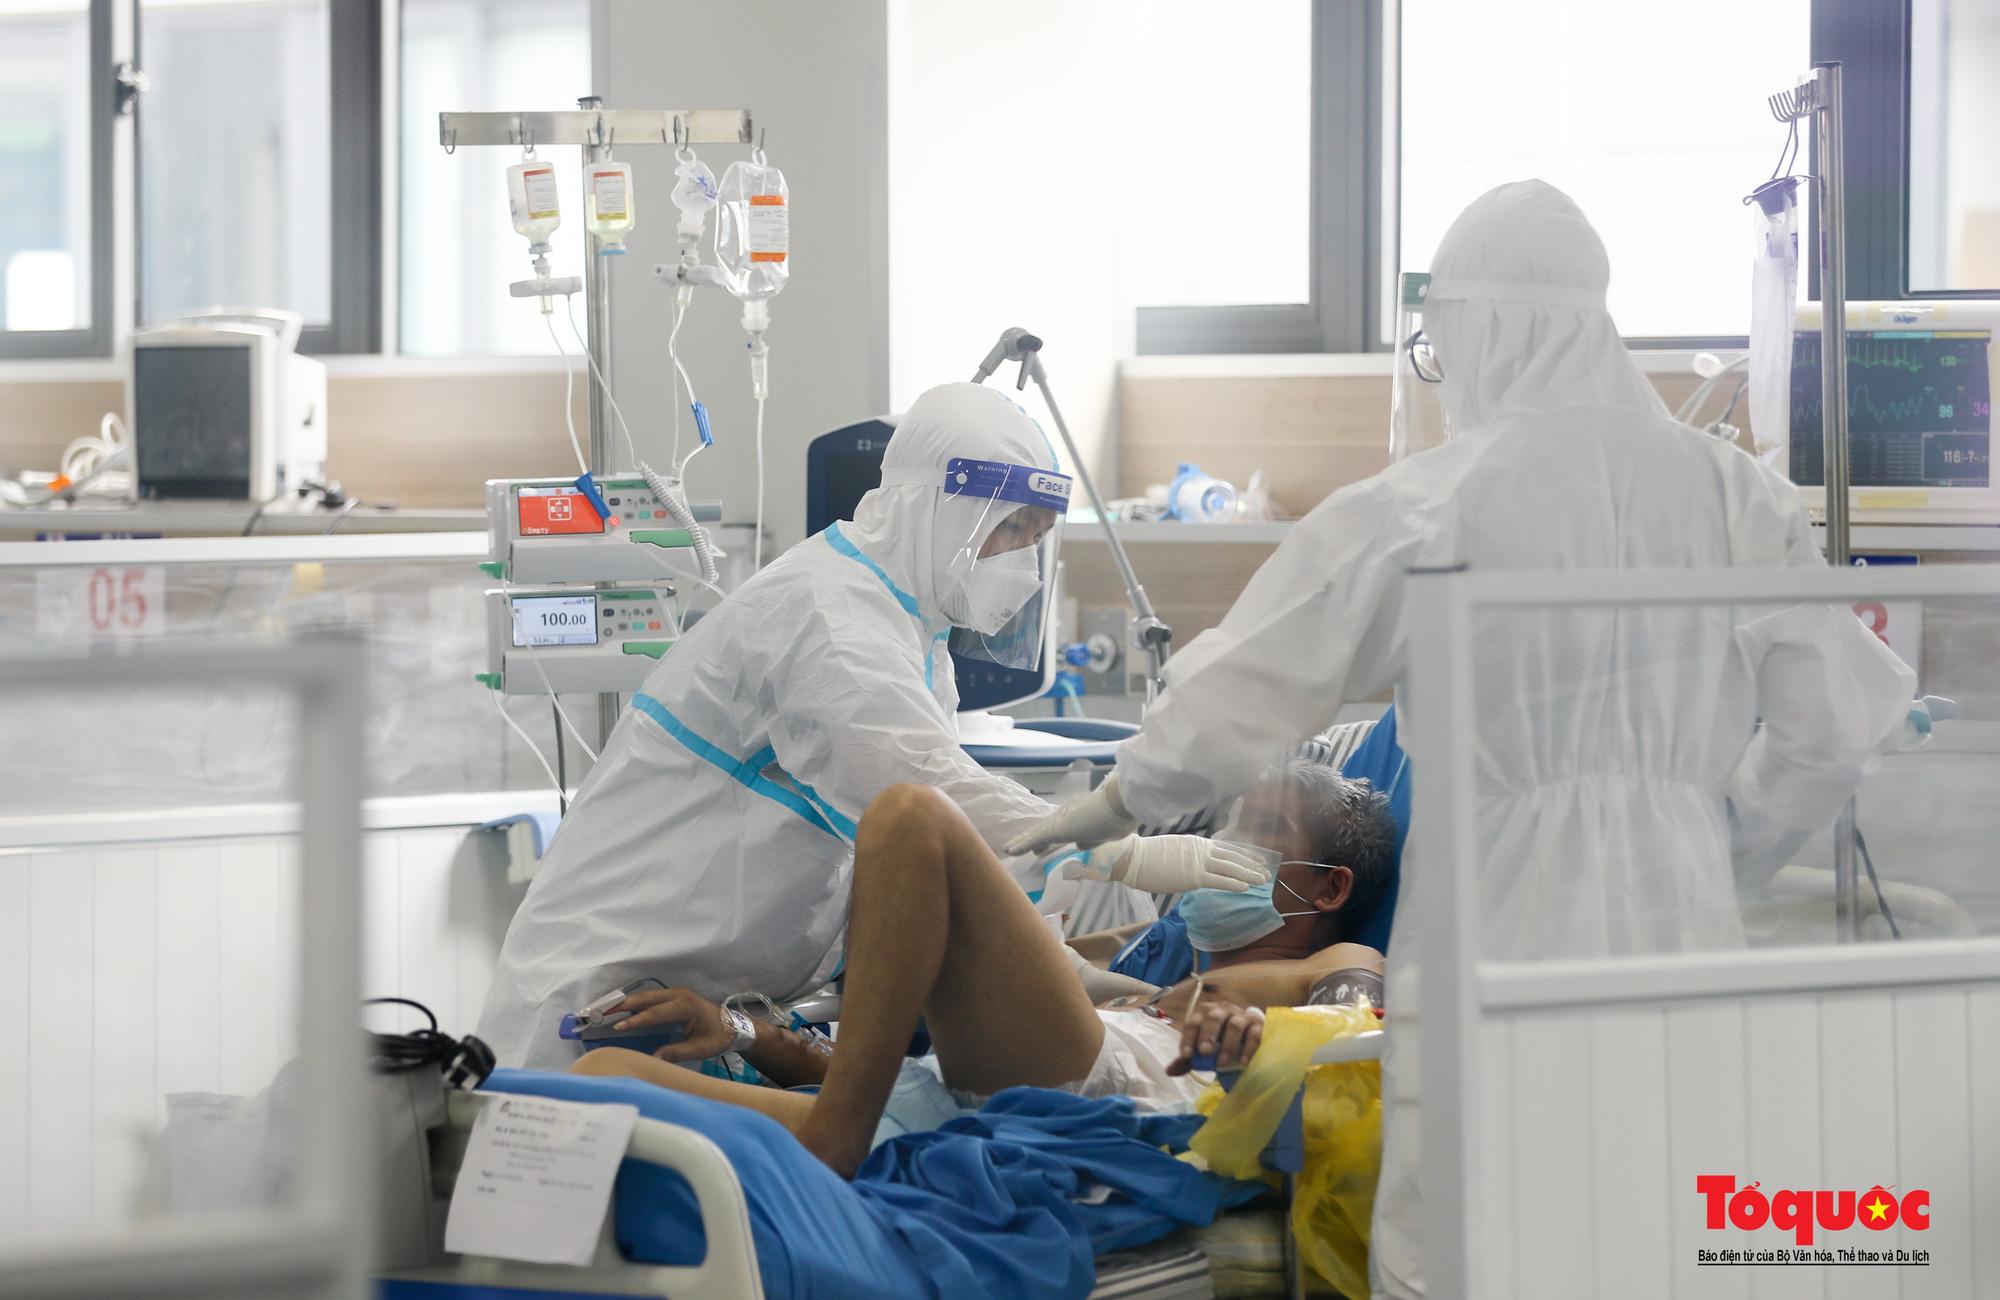 Hà Nội: Cận cảnh bên trong khu điều trị hiện đại của Bệnh viện điều trị người bệnh Covid 19  - Ảnh 12.